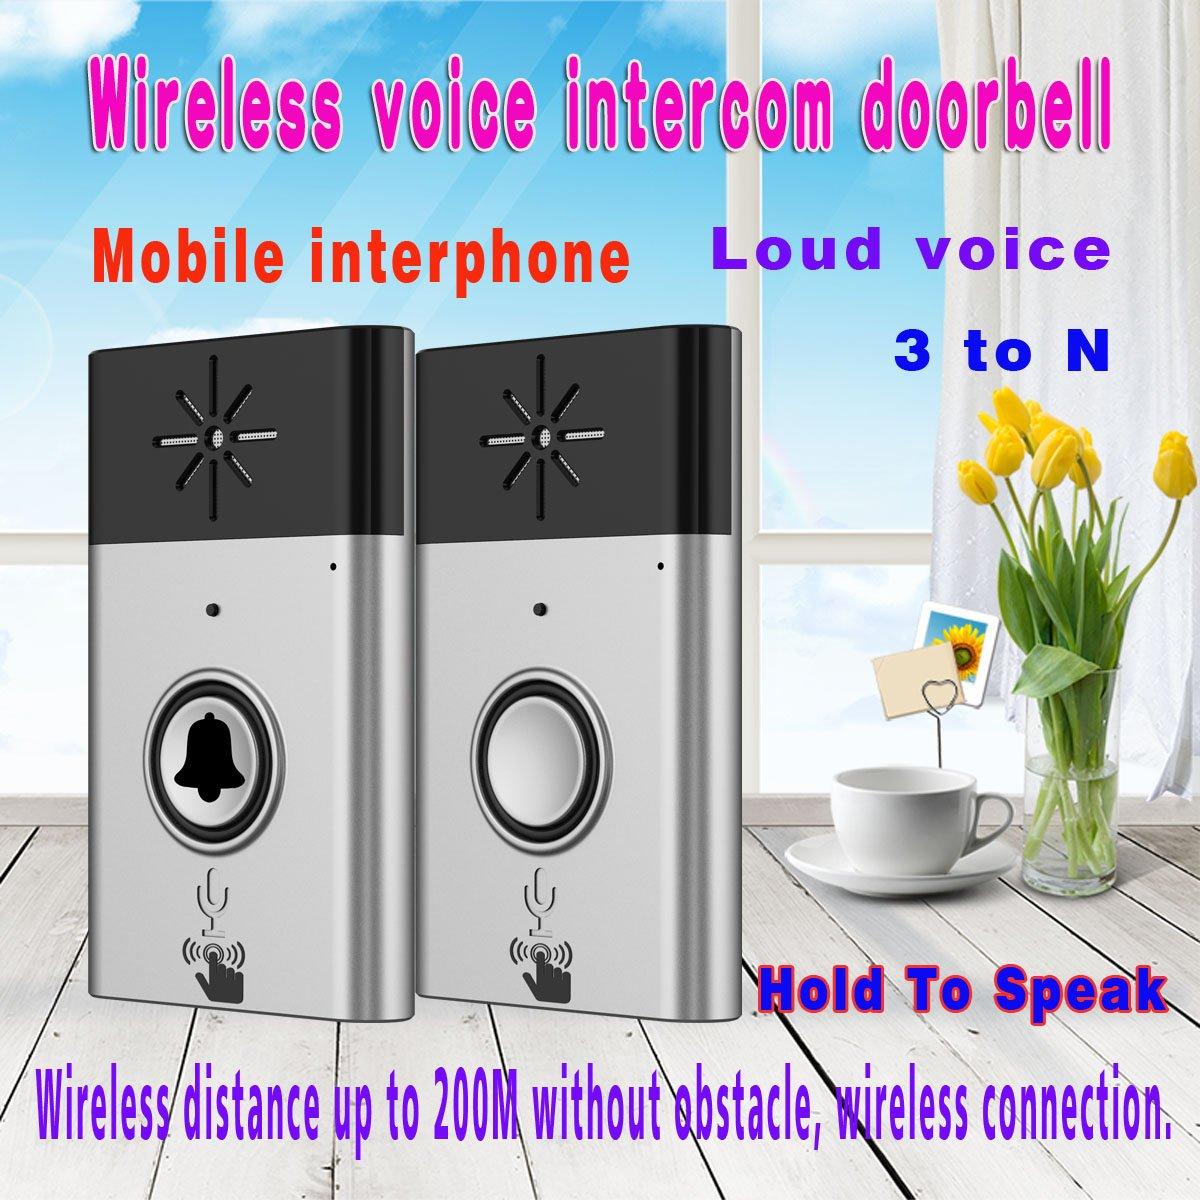 BESTOMZ 2.4G Intercomunicador de Voz Inal/ámbrico Carill/ón Sin Hilos de Puerta de 2 V/ías Interfono Plata